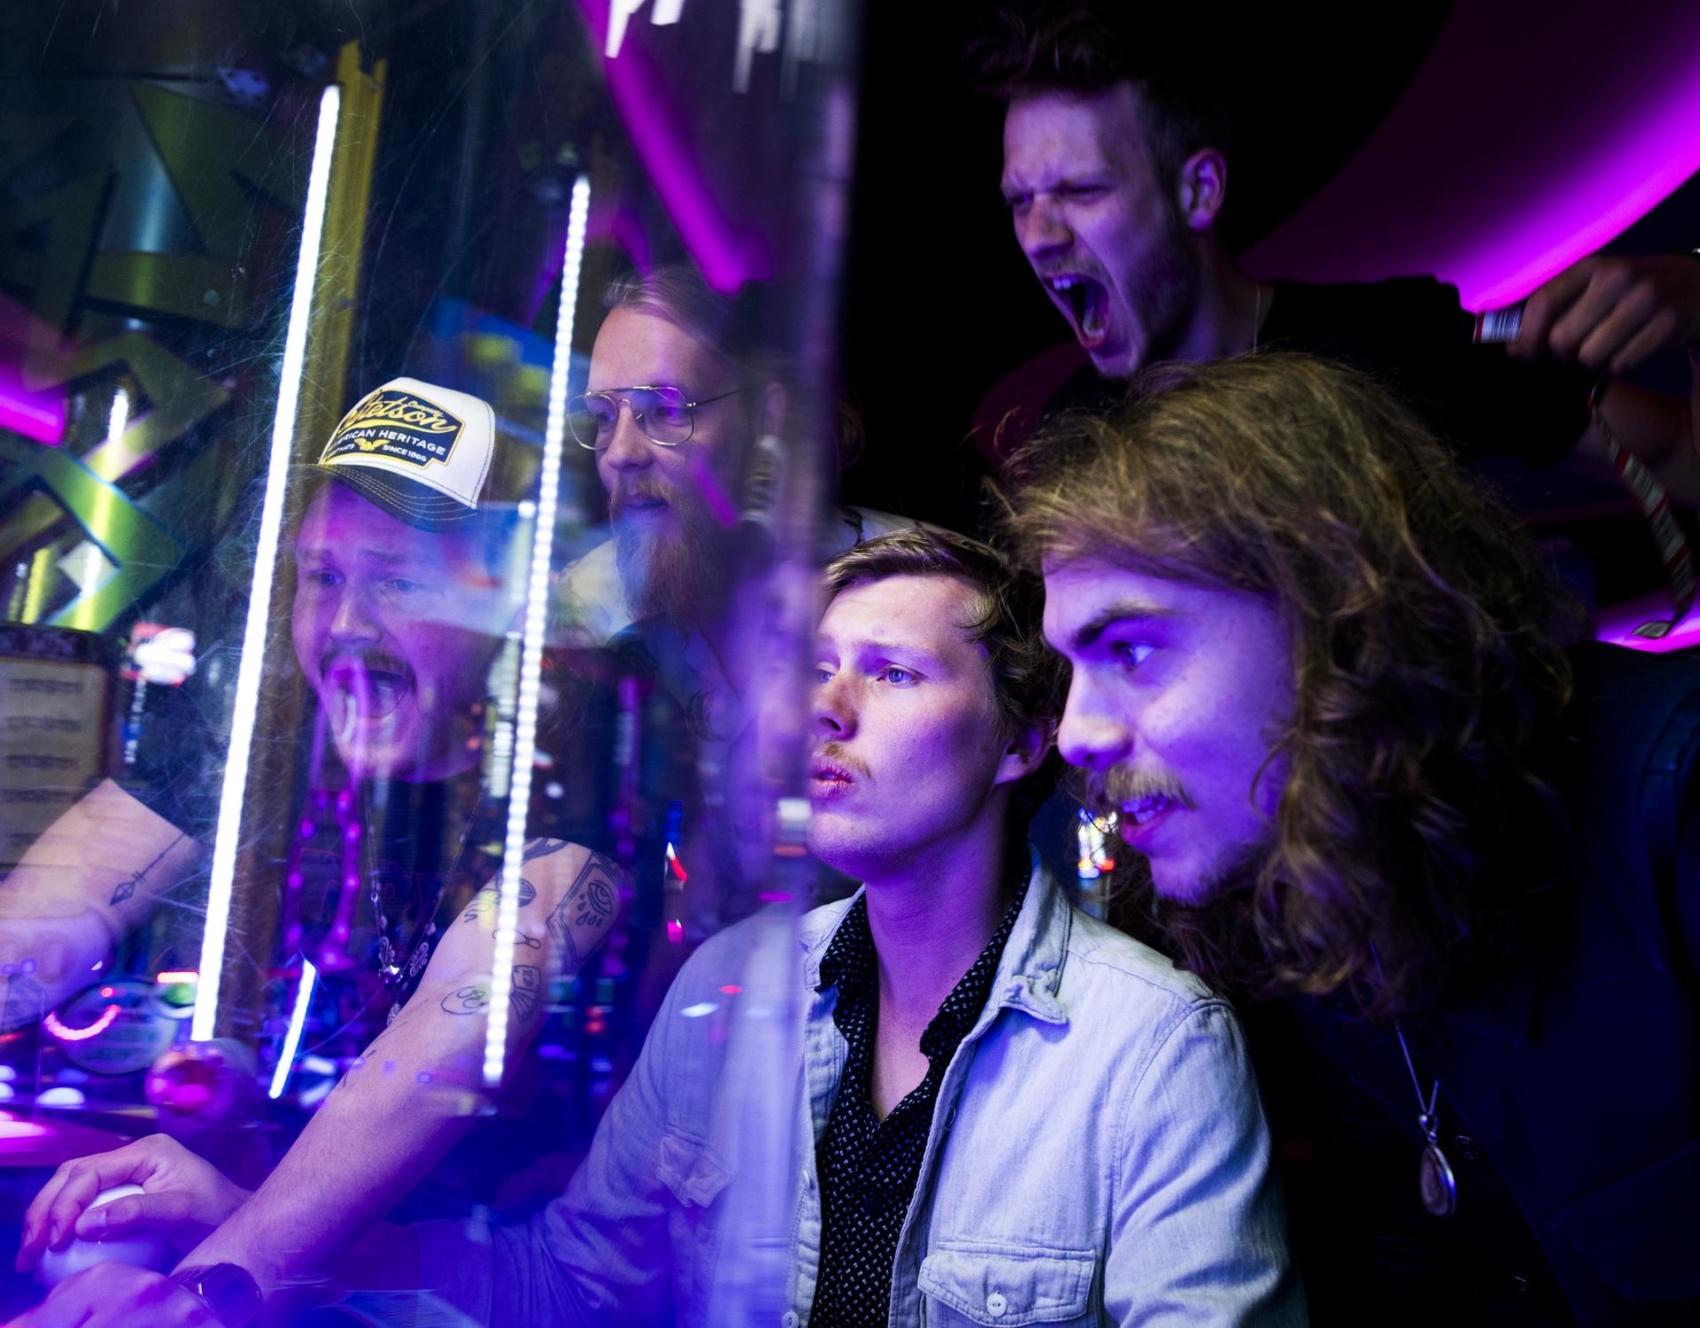 Gamestate: Grootste arcadehal van Nederland opent in Zuidoost